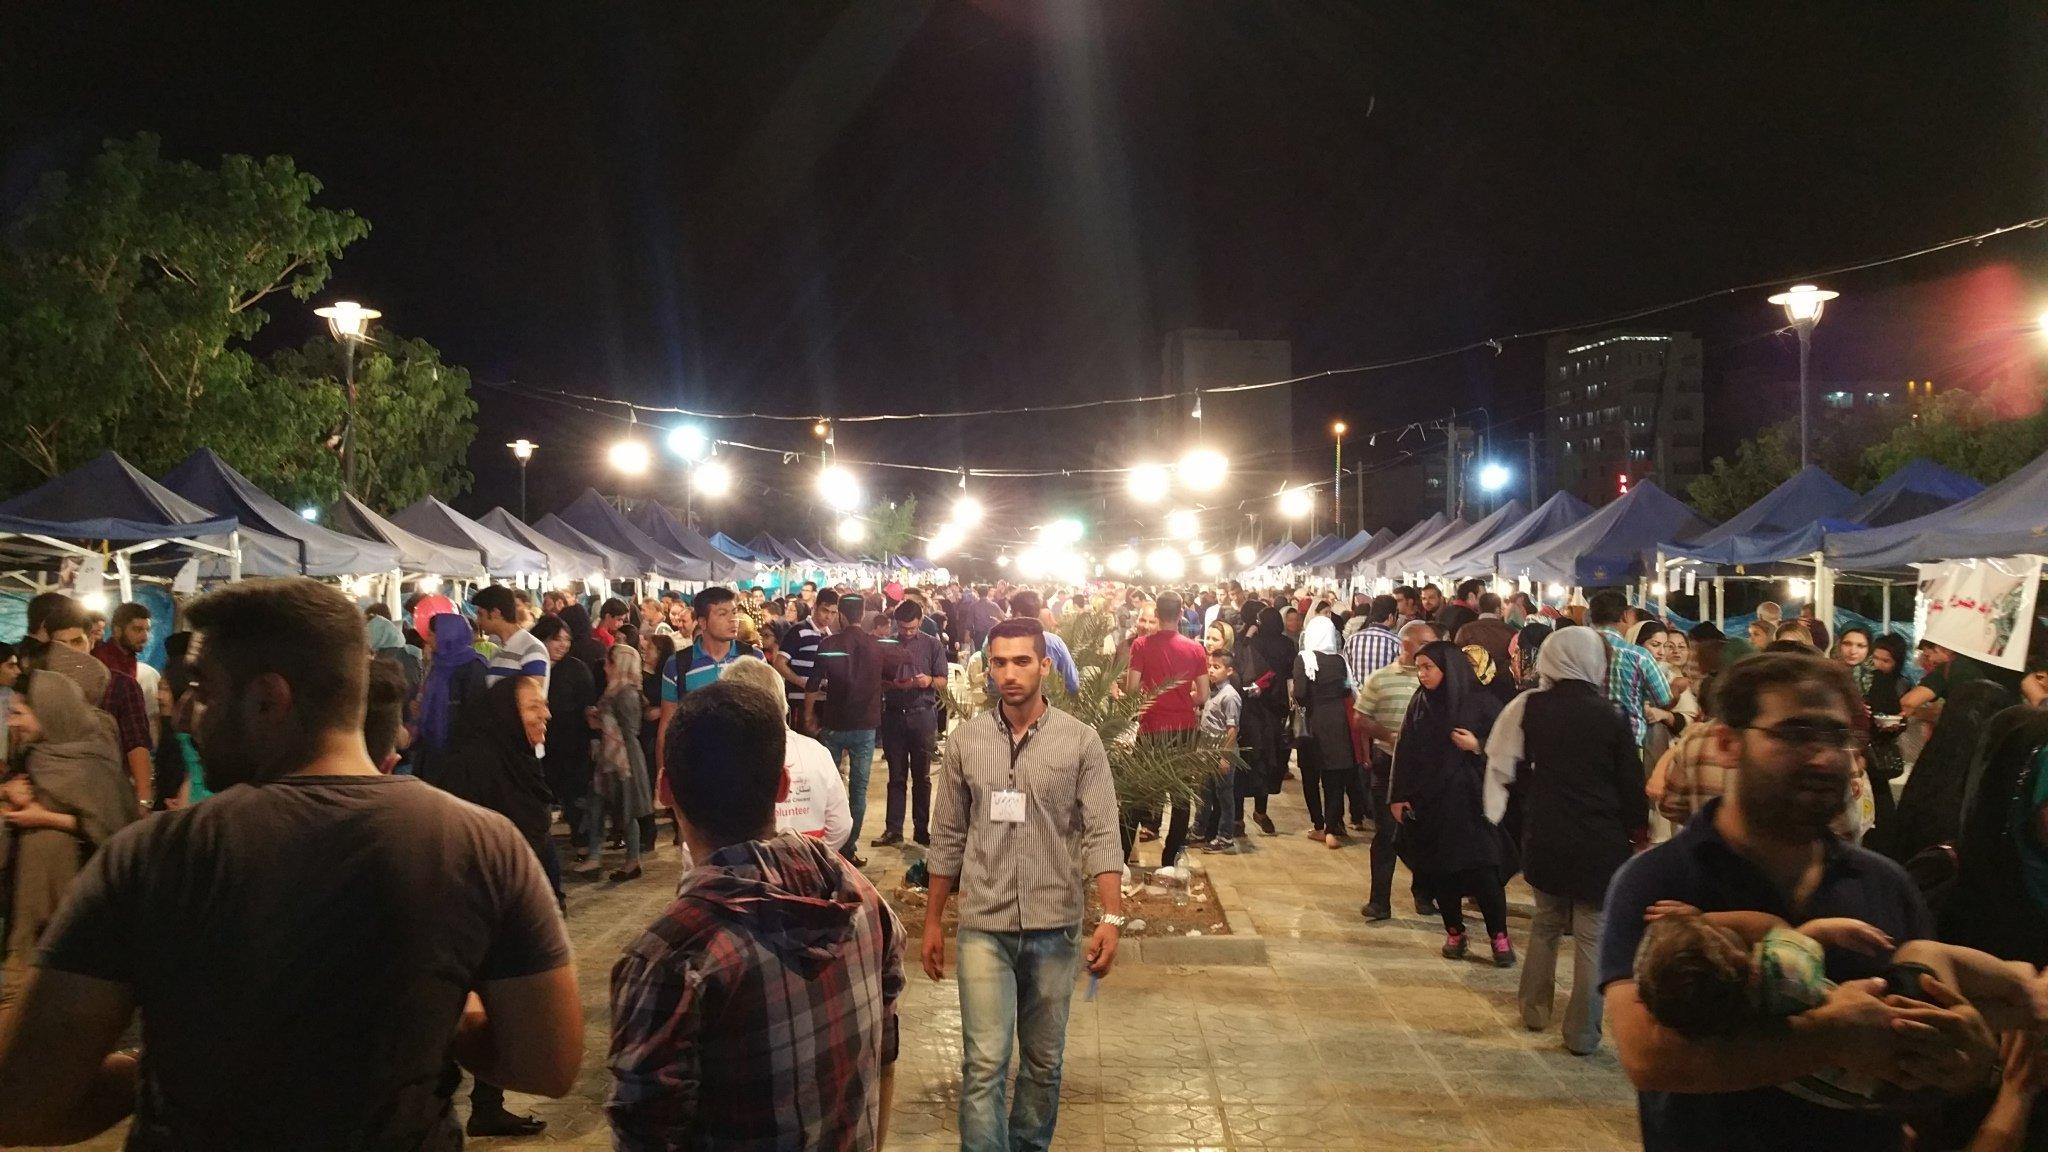 استقبال کم نظیر مردم خوزستان از جشنواره غذا برای کمک به زندانیان معسر غیر عمد و بیماران صعب العلاج